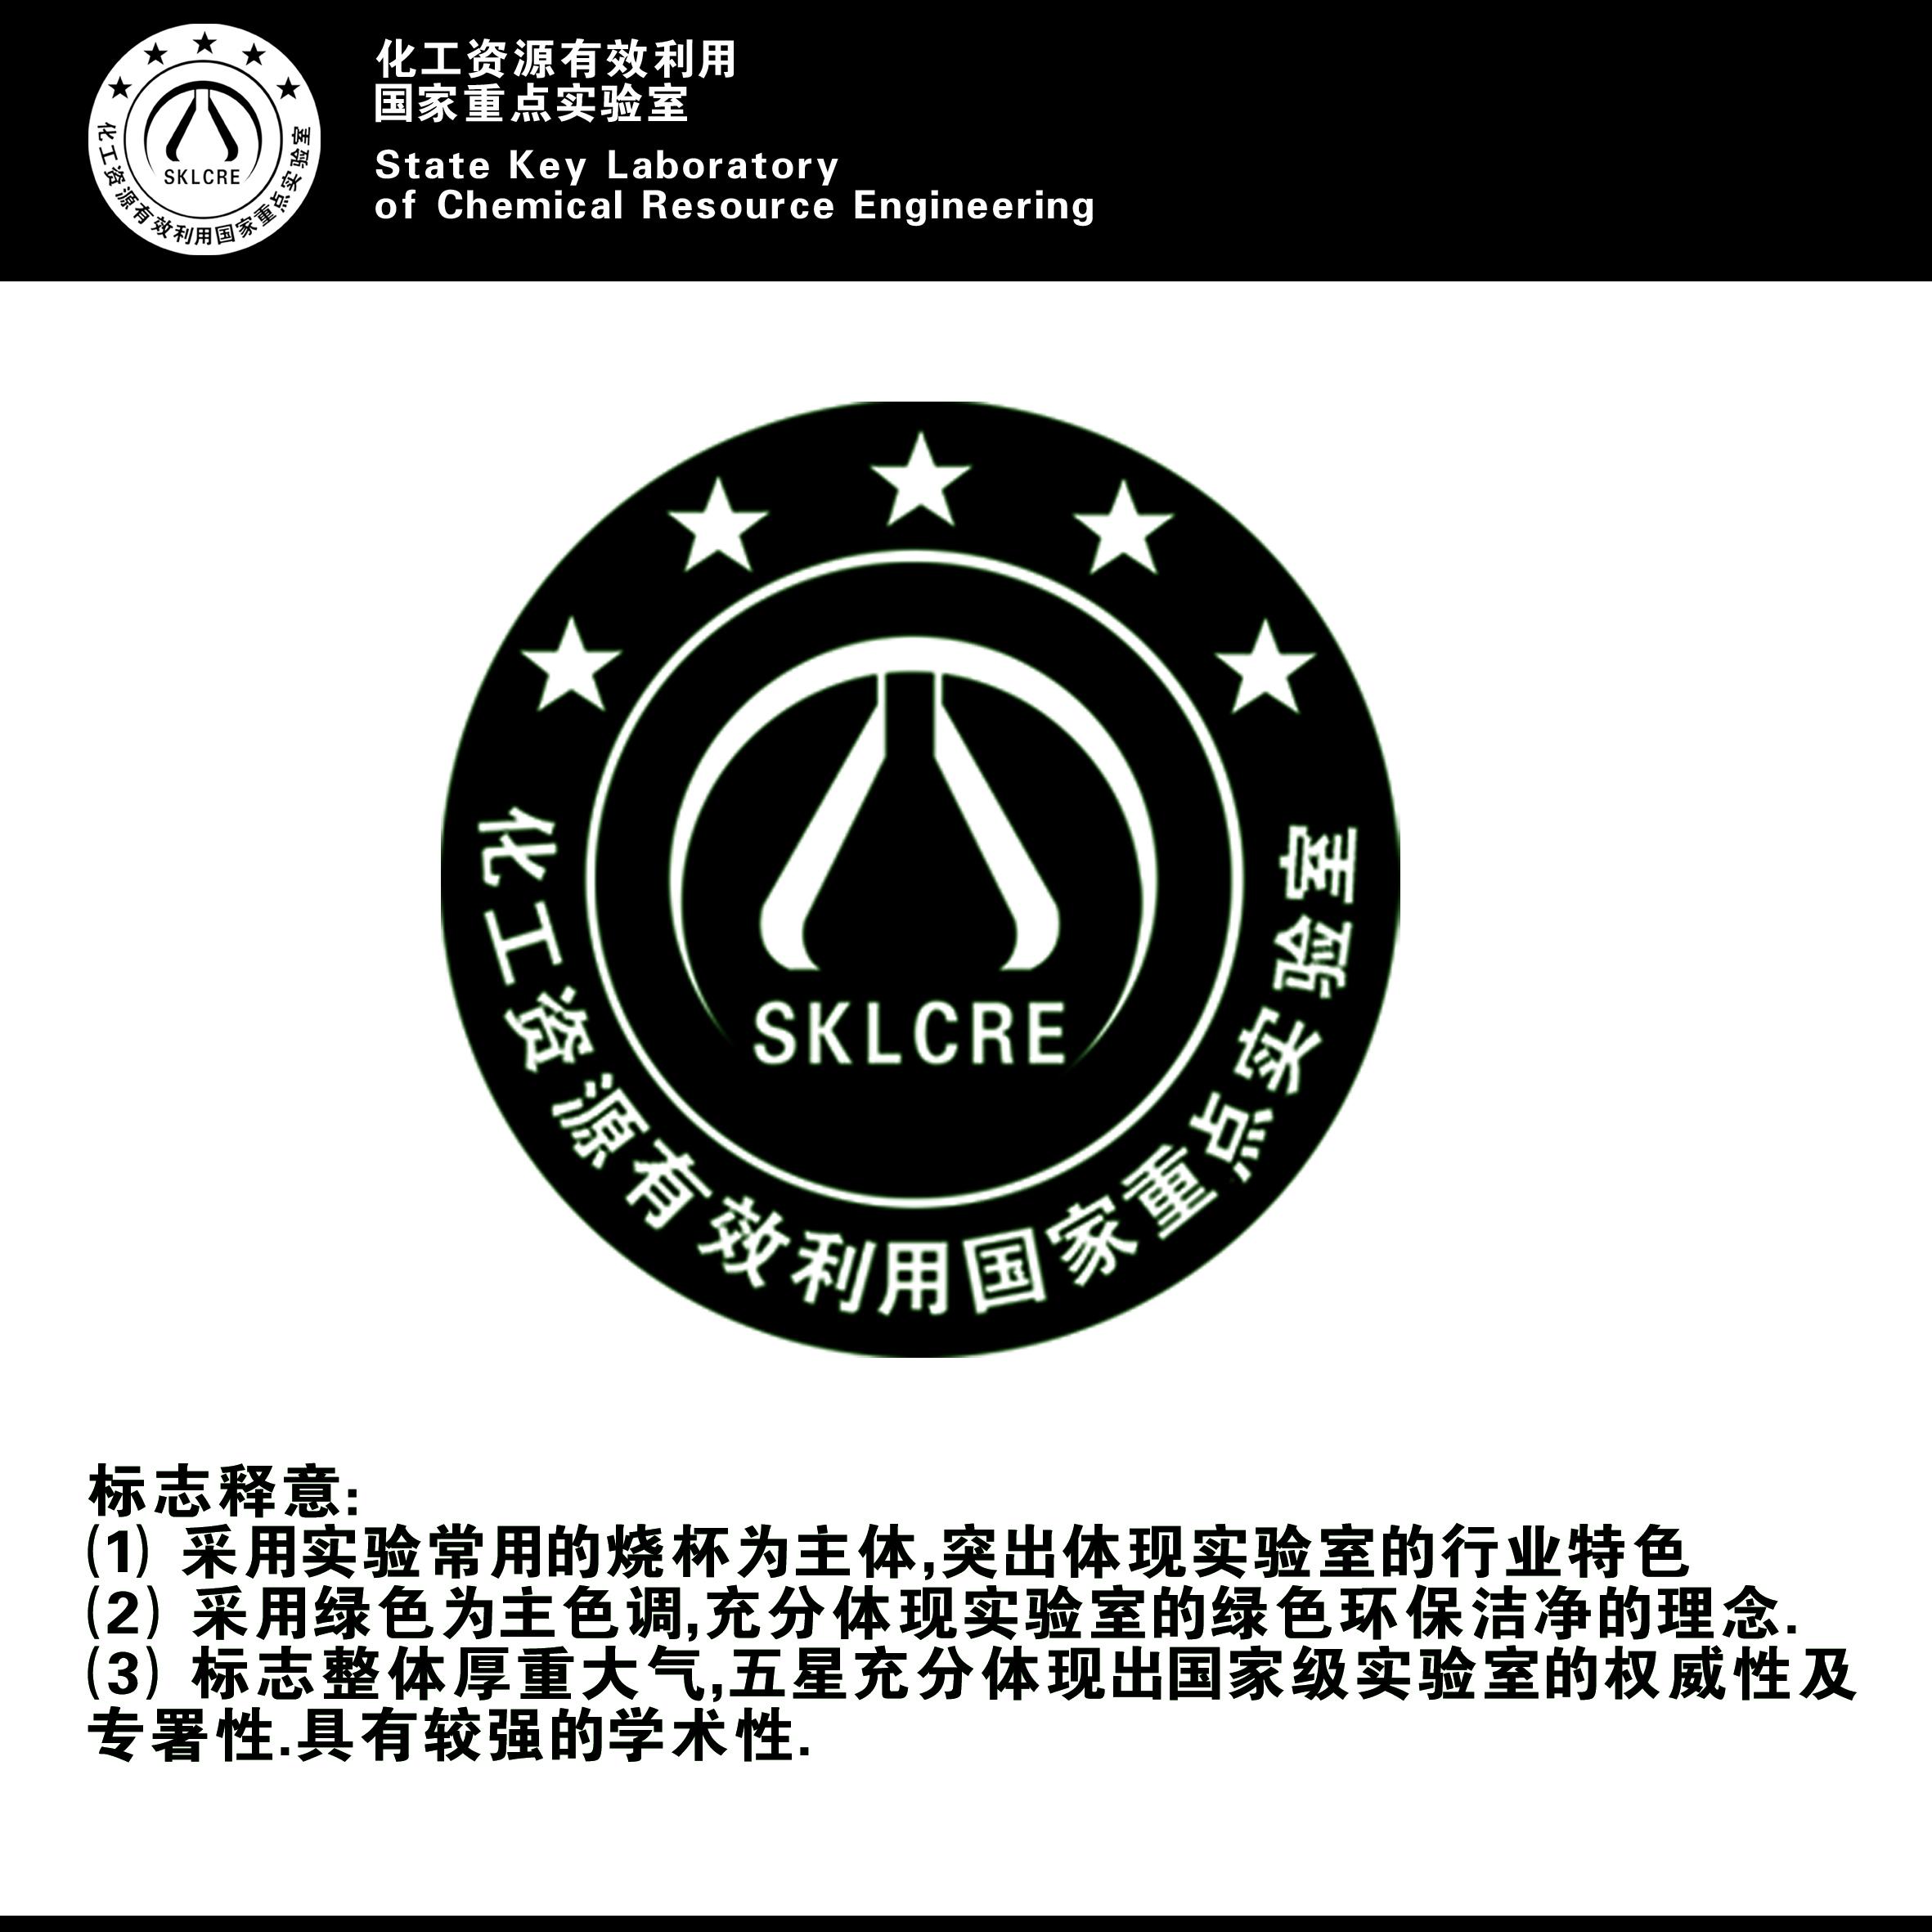 国家重点实验室logo及手提袋设计